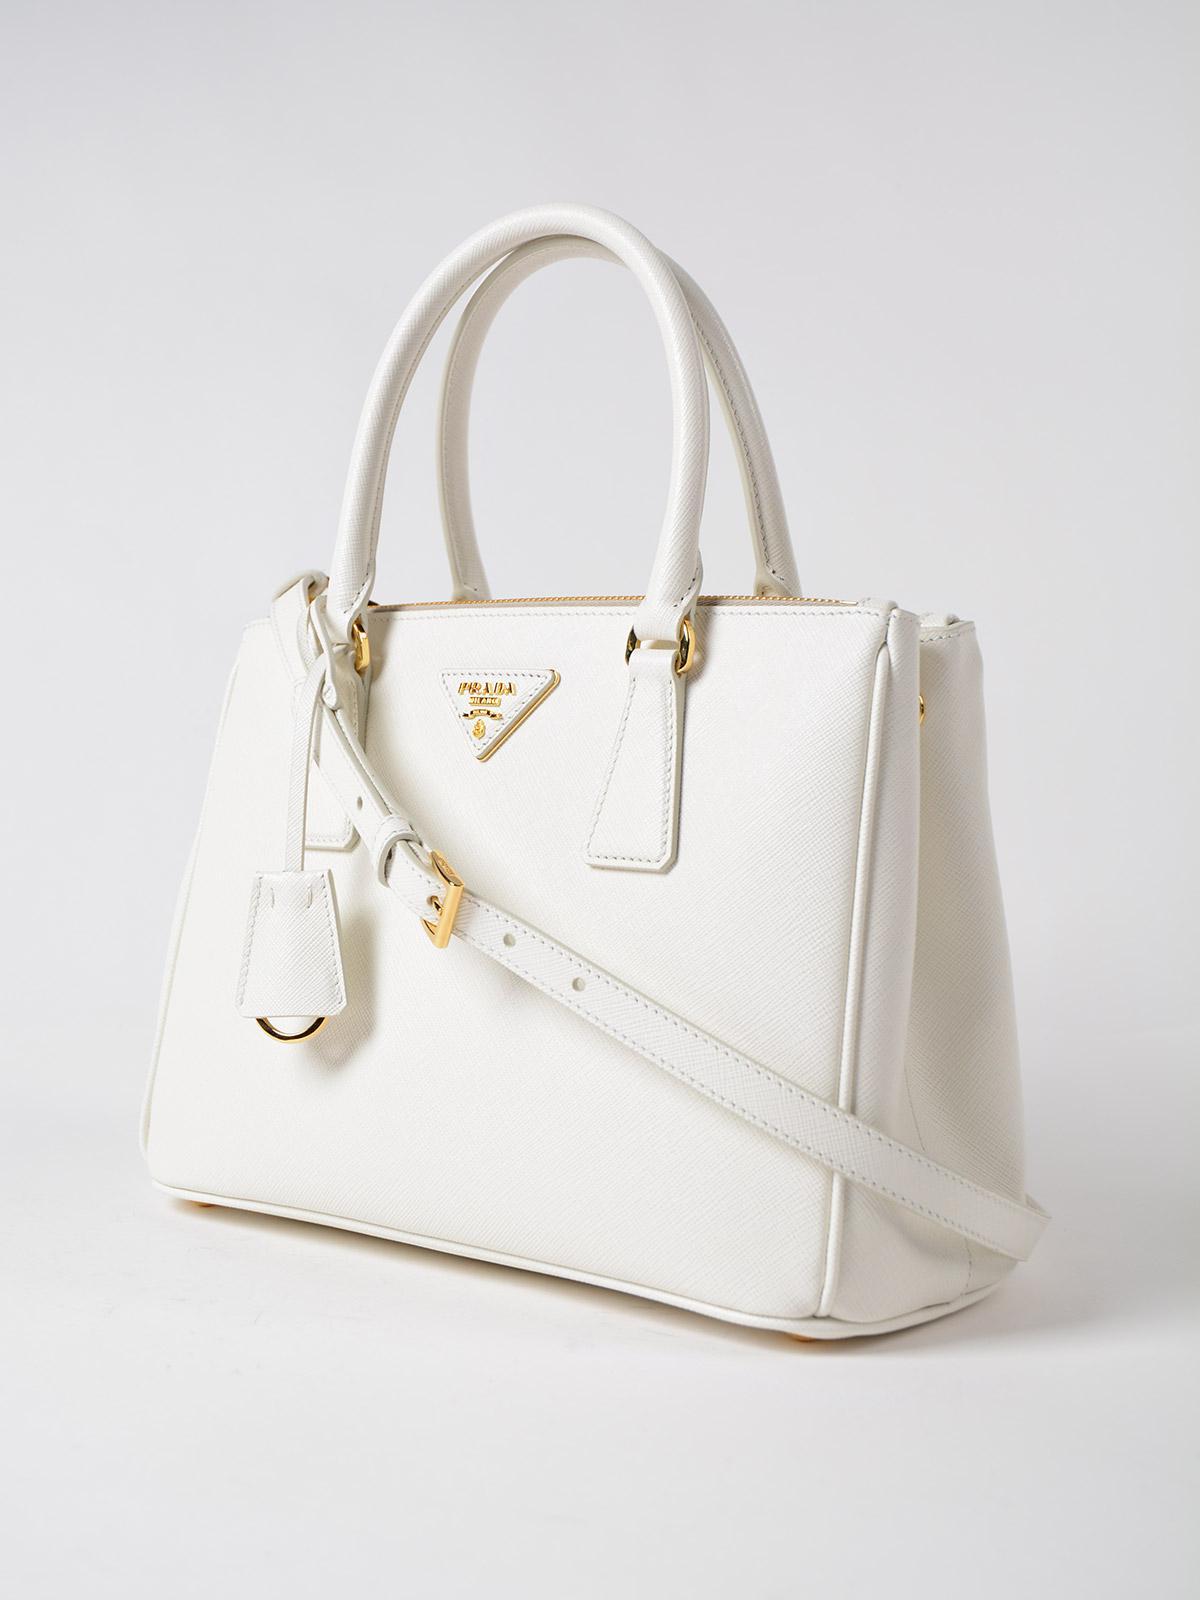 2a7deb5381 Lyst - Prada Saffiano Lux Galleria Bag in White